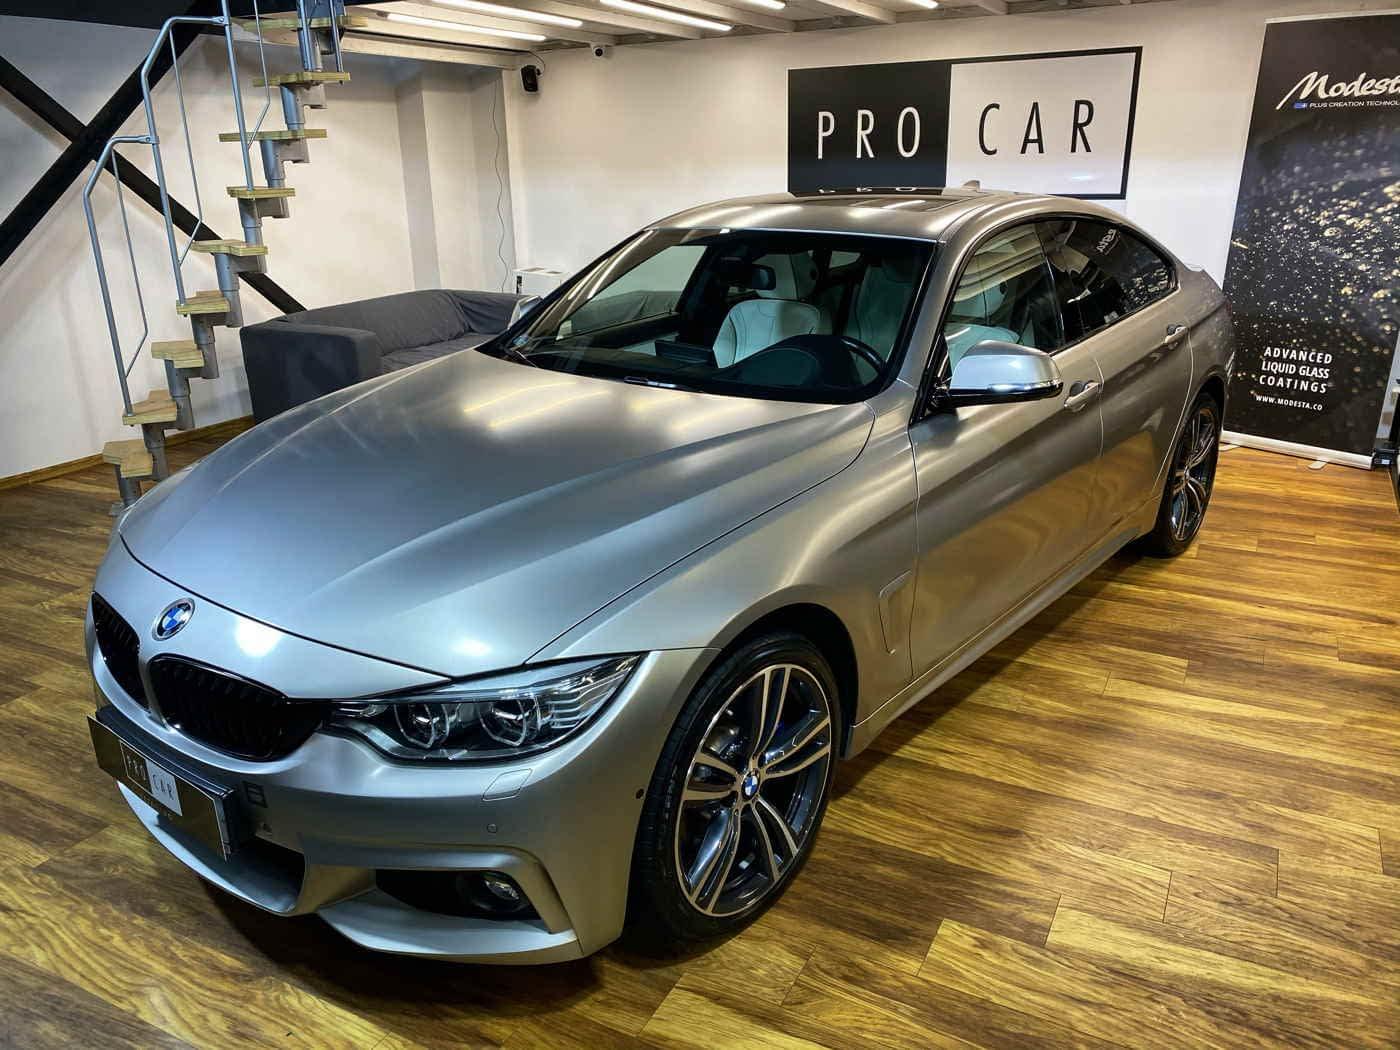 BMW serii 4 - kompleksowe czyszczenie i zabezpieczenie woskiem i powłokami 1